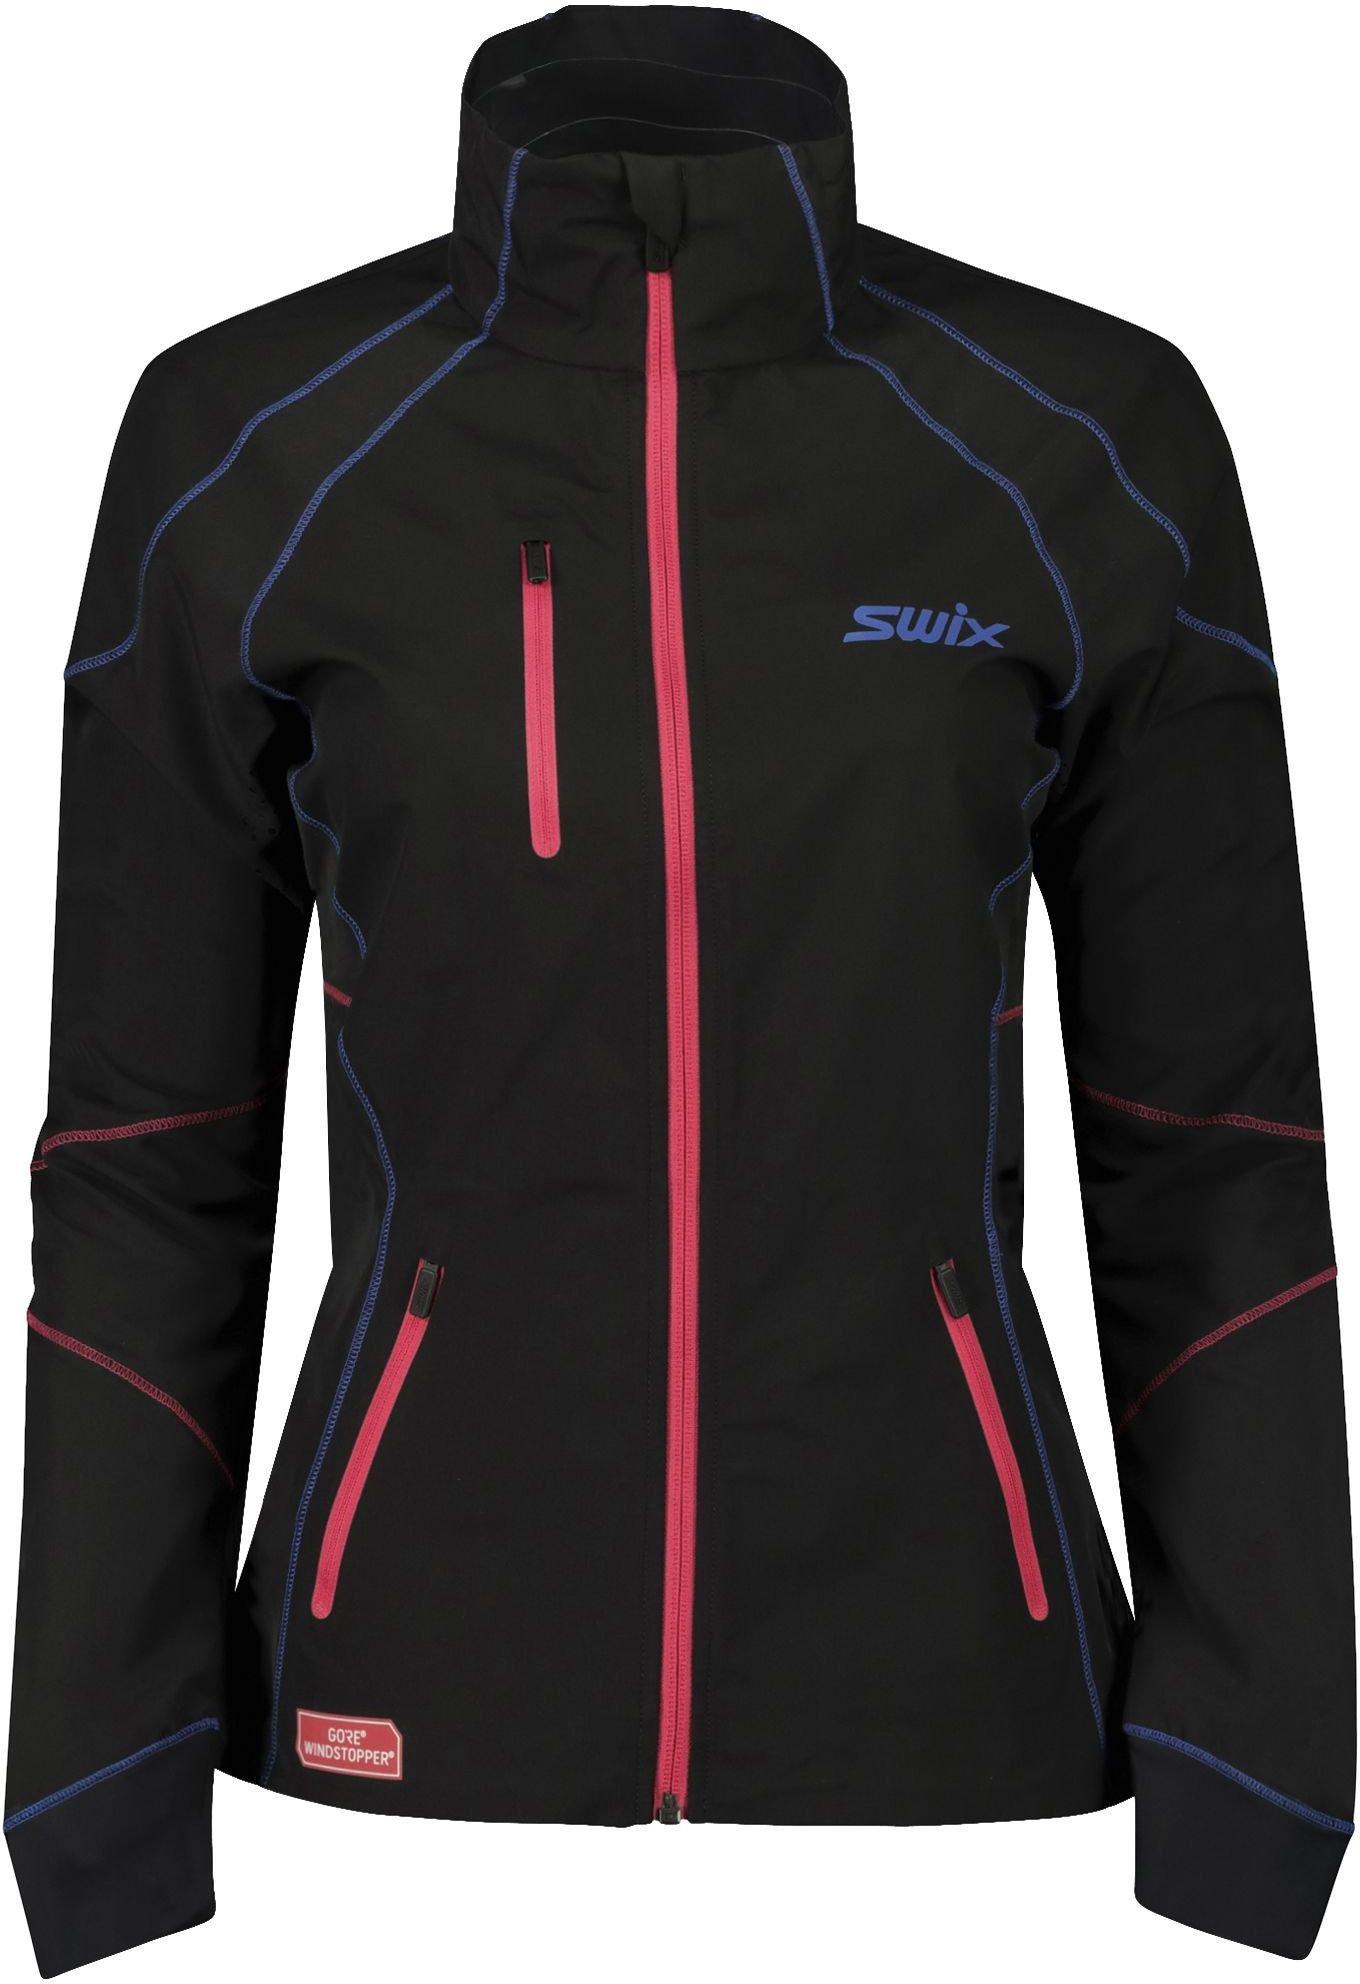 Best pris på Swix ProFit Revolution Jacket (Dame) Se